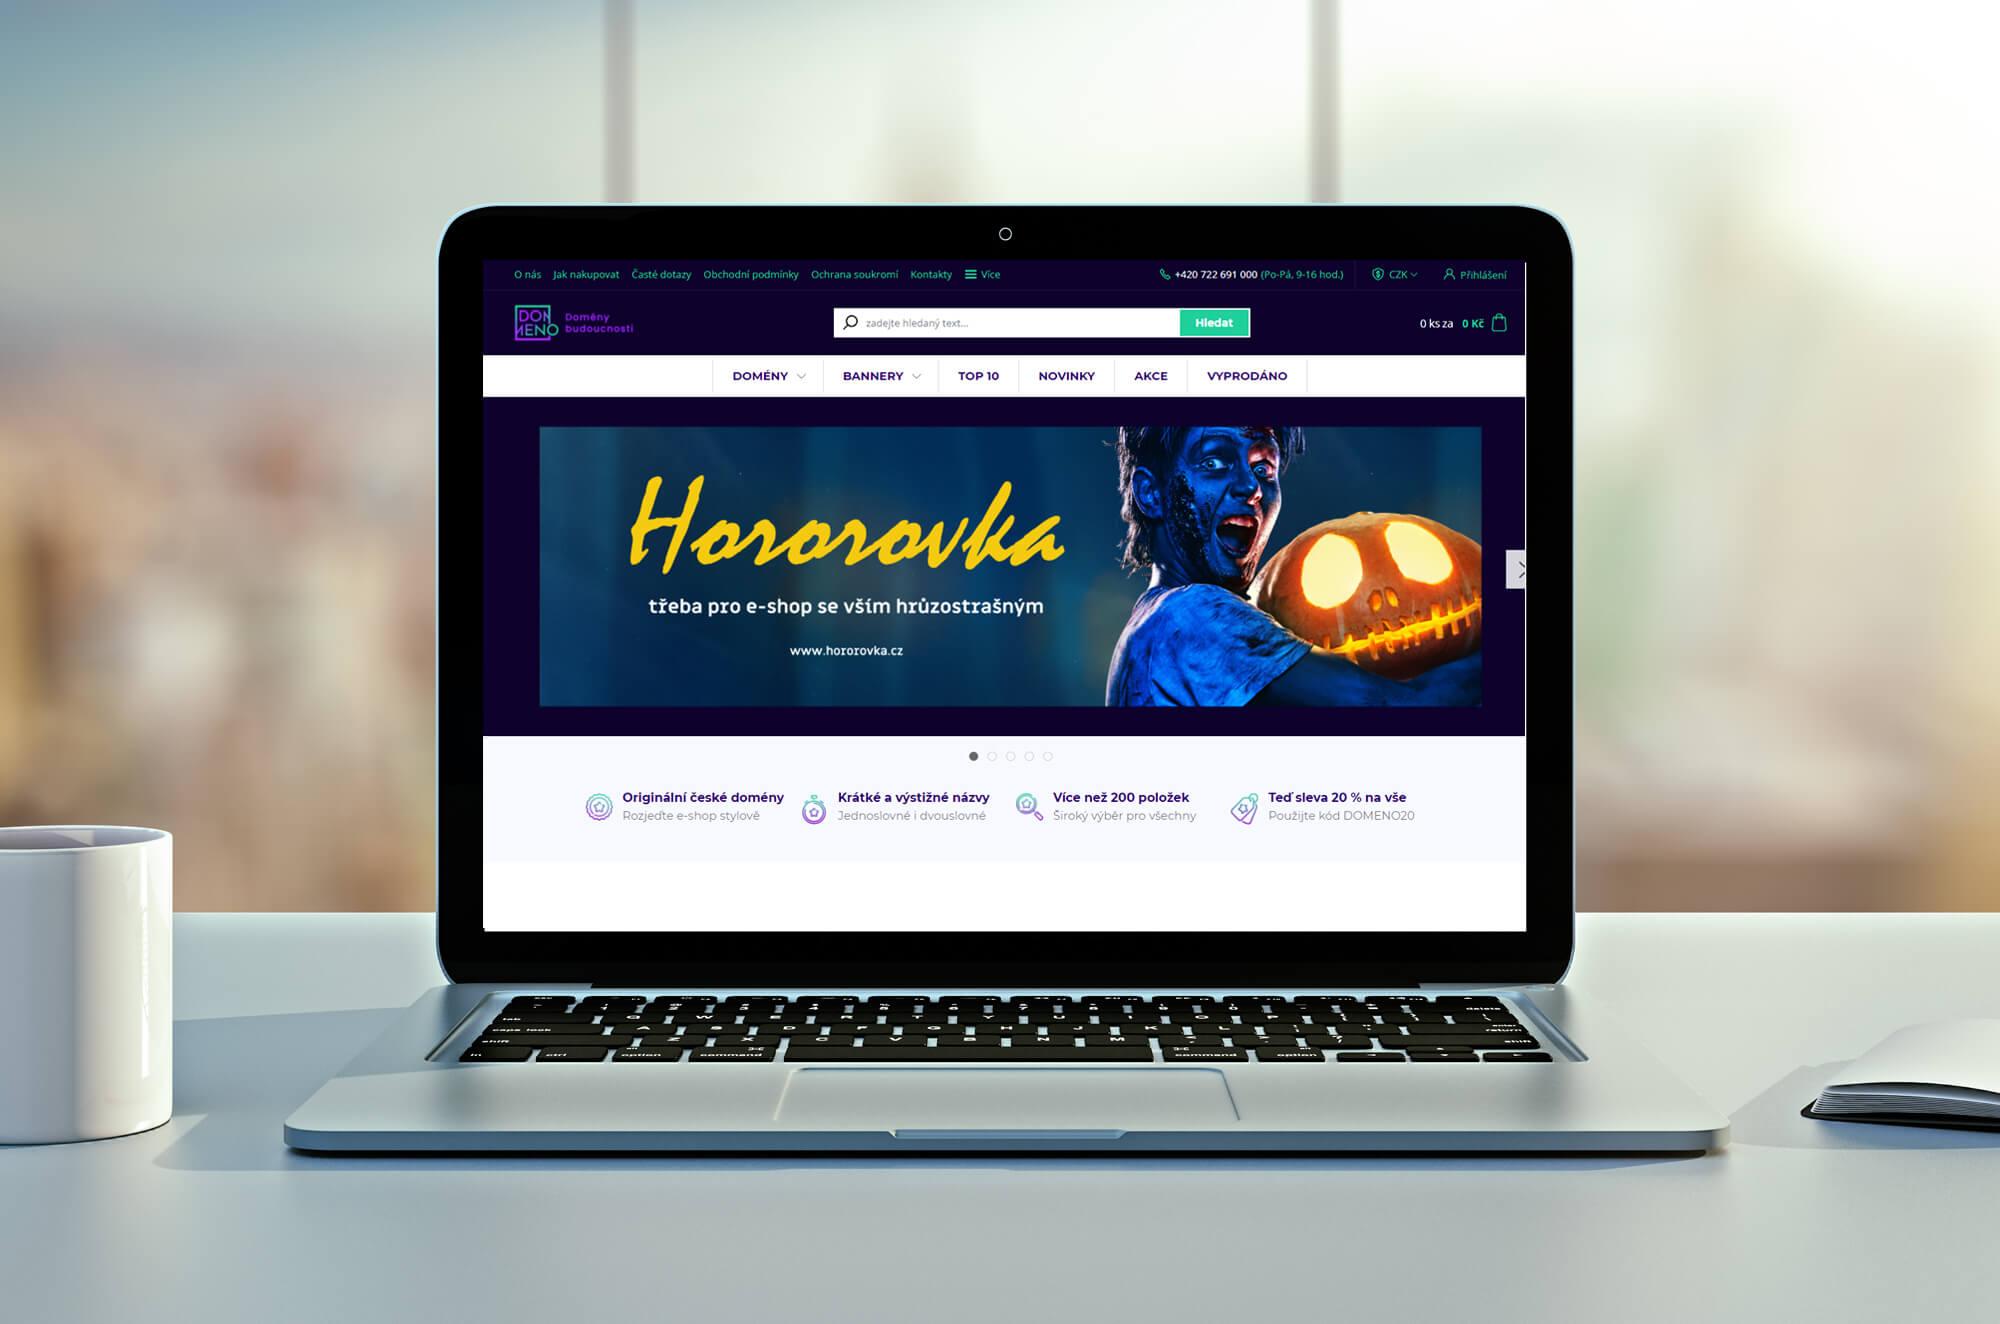 Otevíráme v Česku nový doménový e-shop pro všechny podnikavé pozemšťany